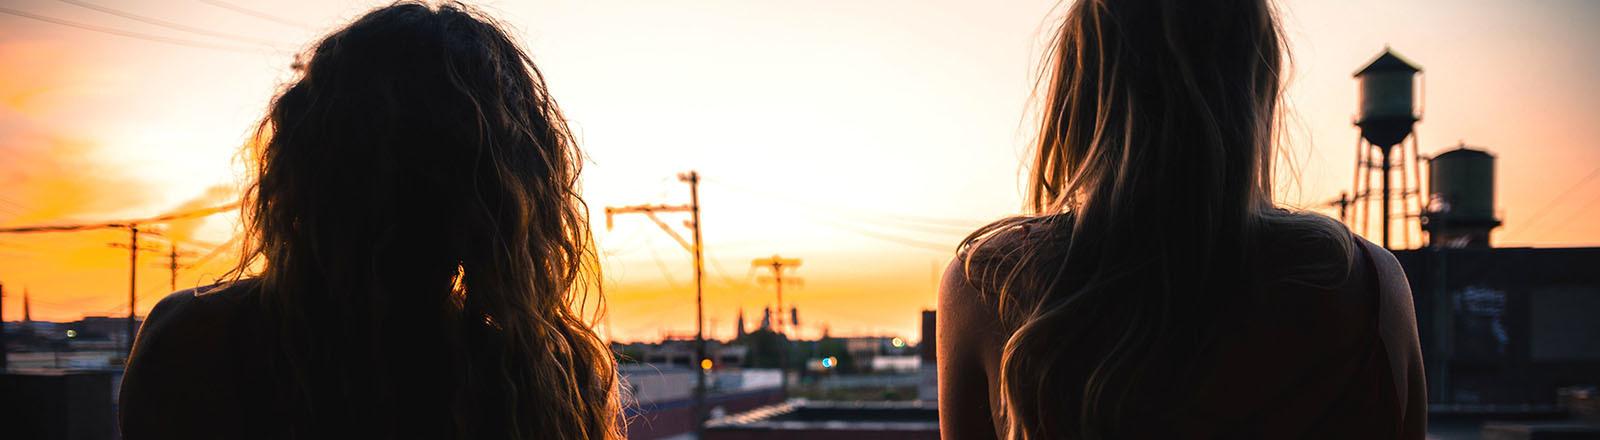 Zwei Frauen schauen in den Sonnenuntergang.